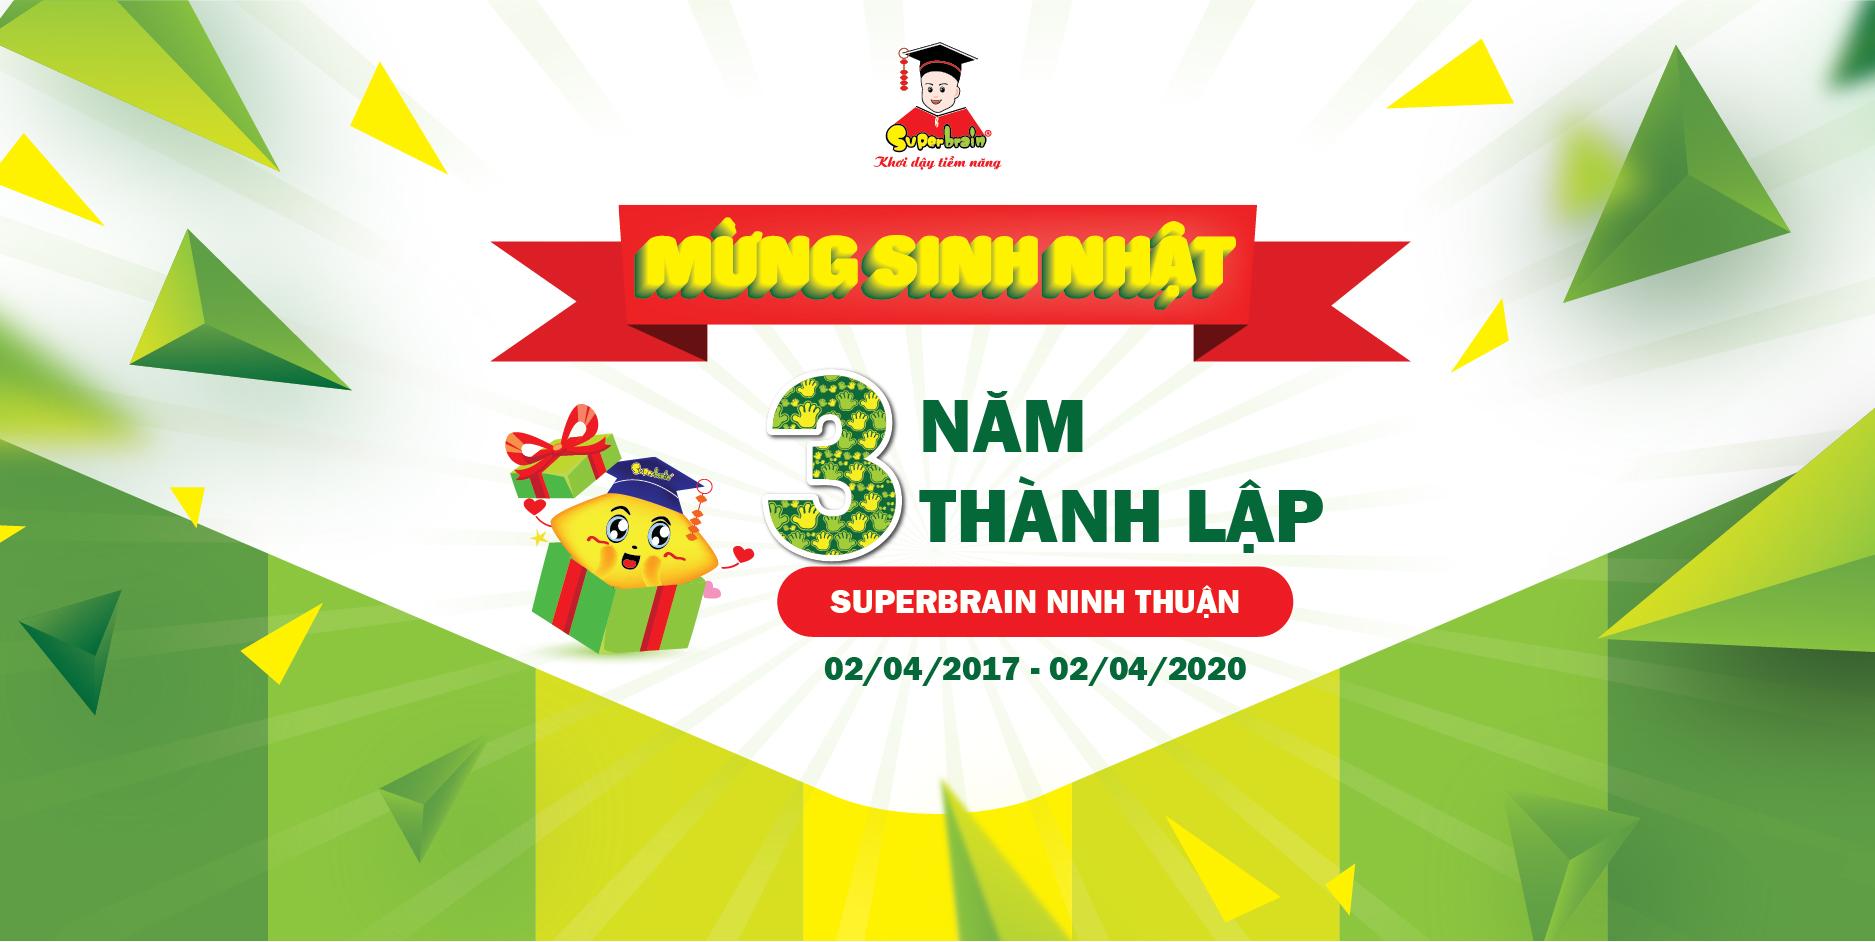 Chúc mừng sinh nhật Superbrain Ninh Thuận